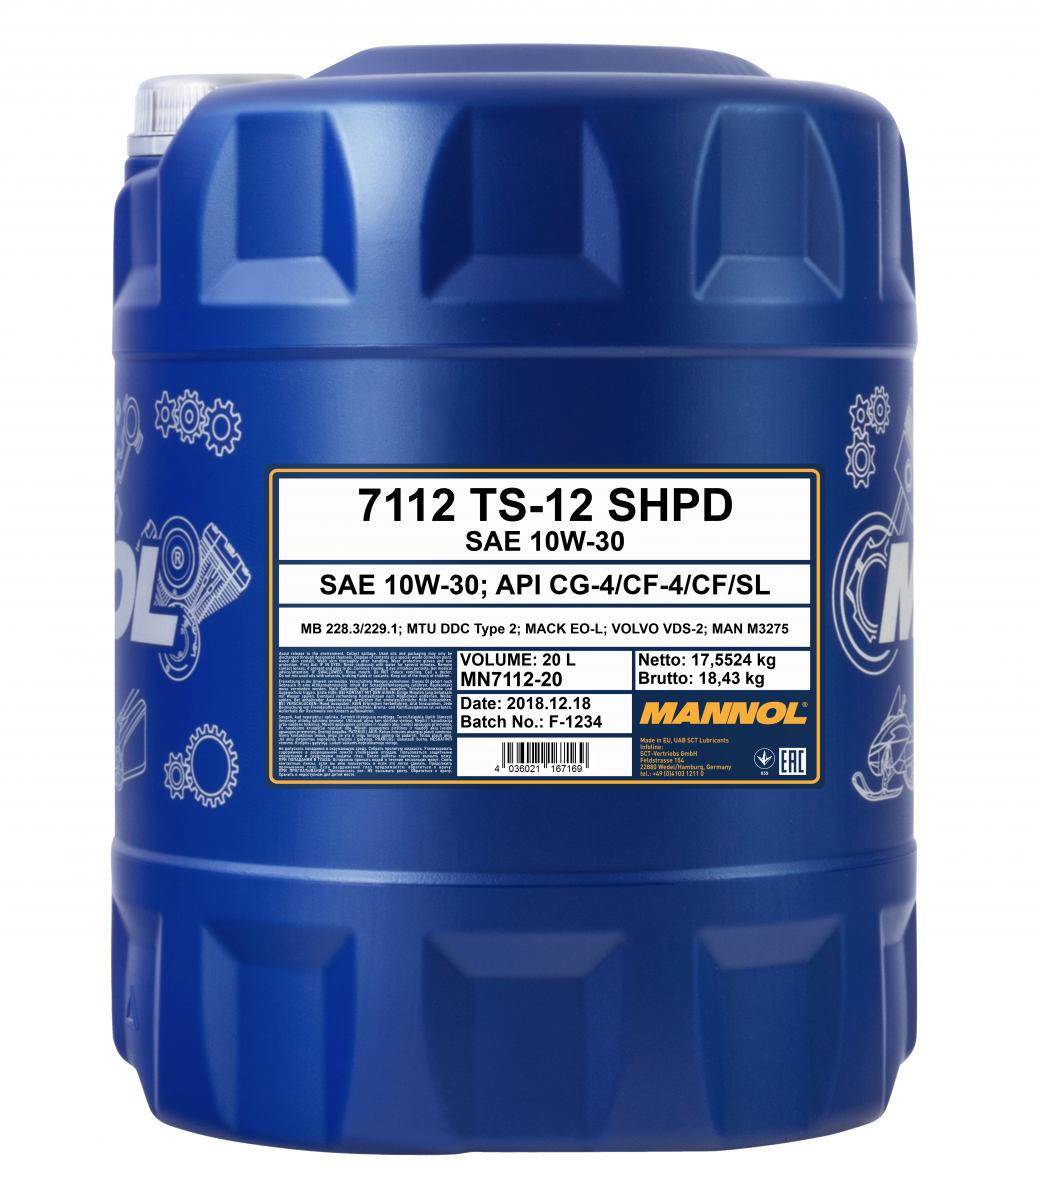 TS-12 SHPD 10W-30